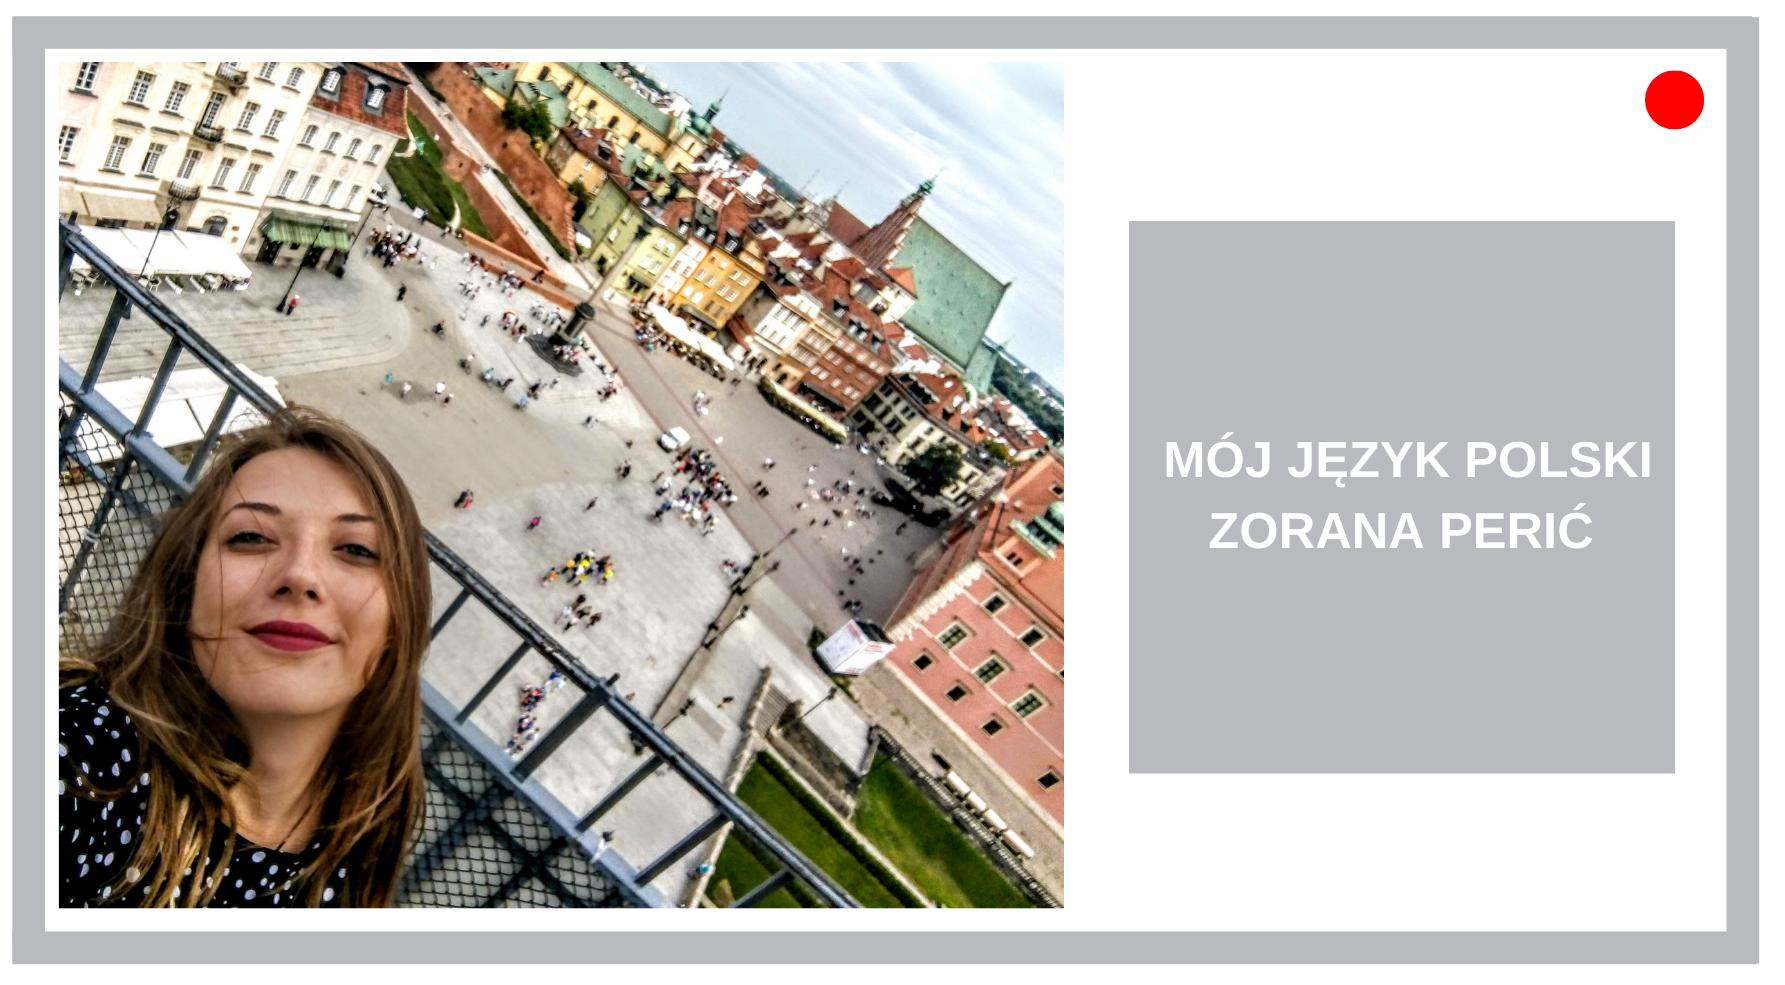 Blog Agnieszka Jasińska - Mój język polski Zorana Perić